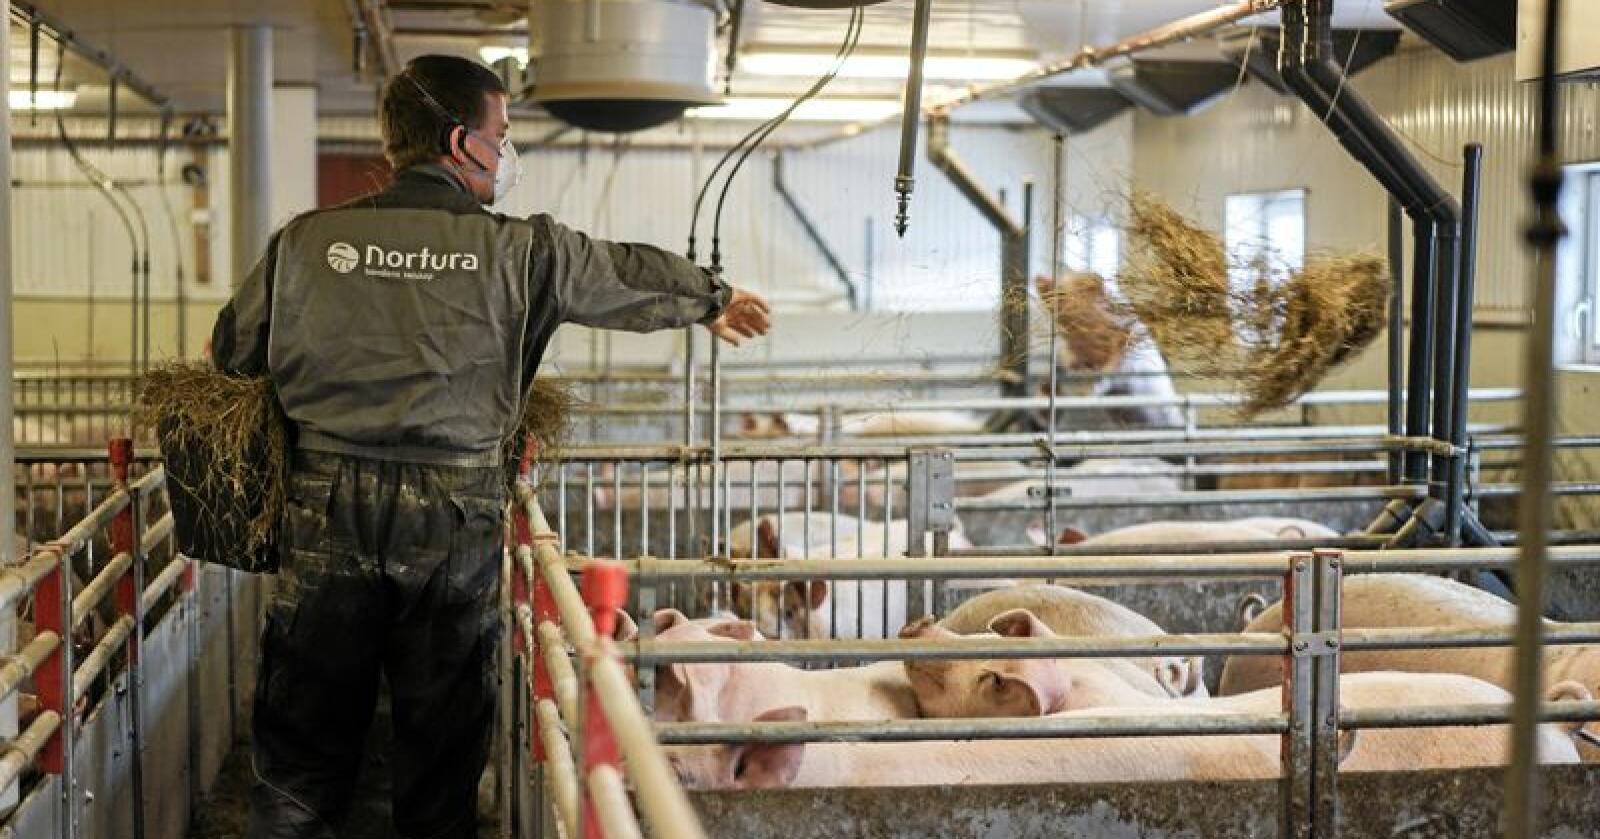 Alle Norturas slaktegrisprodusenter har vist hordan produksjonen deres foregår. Foto: Benjamin Hernes Vogl